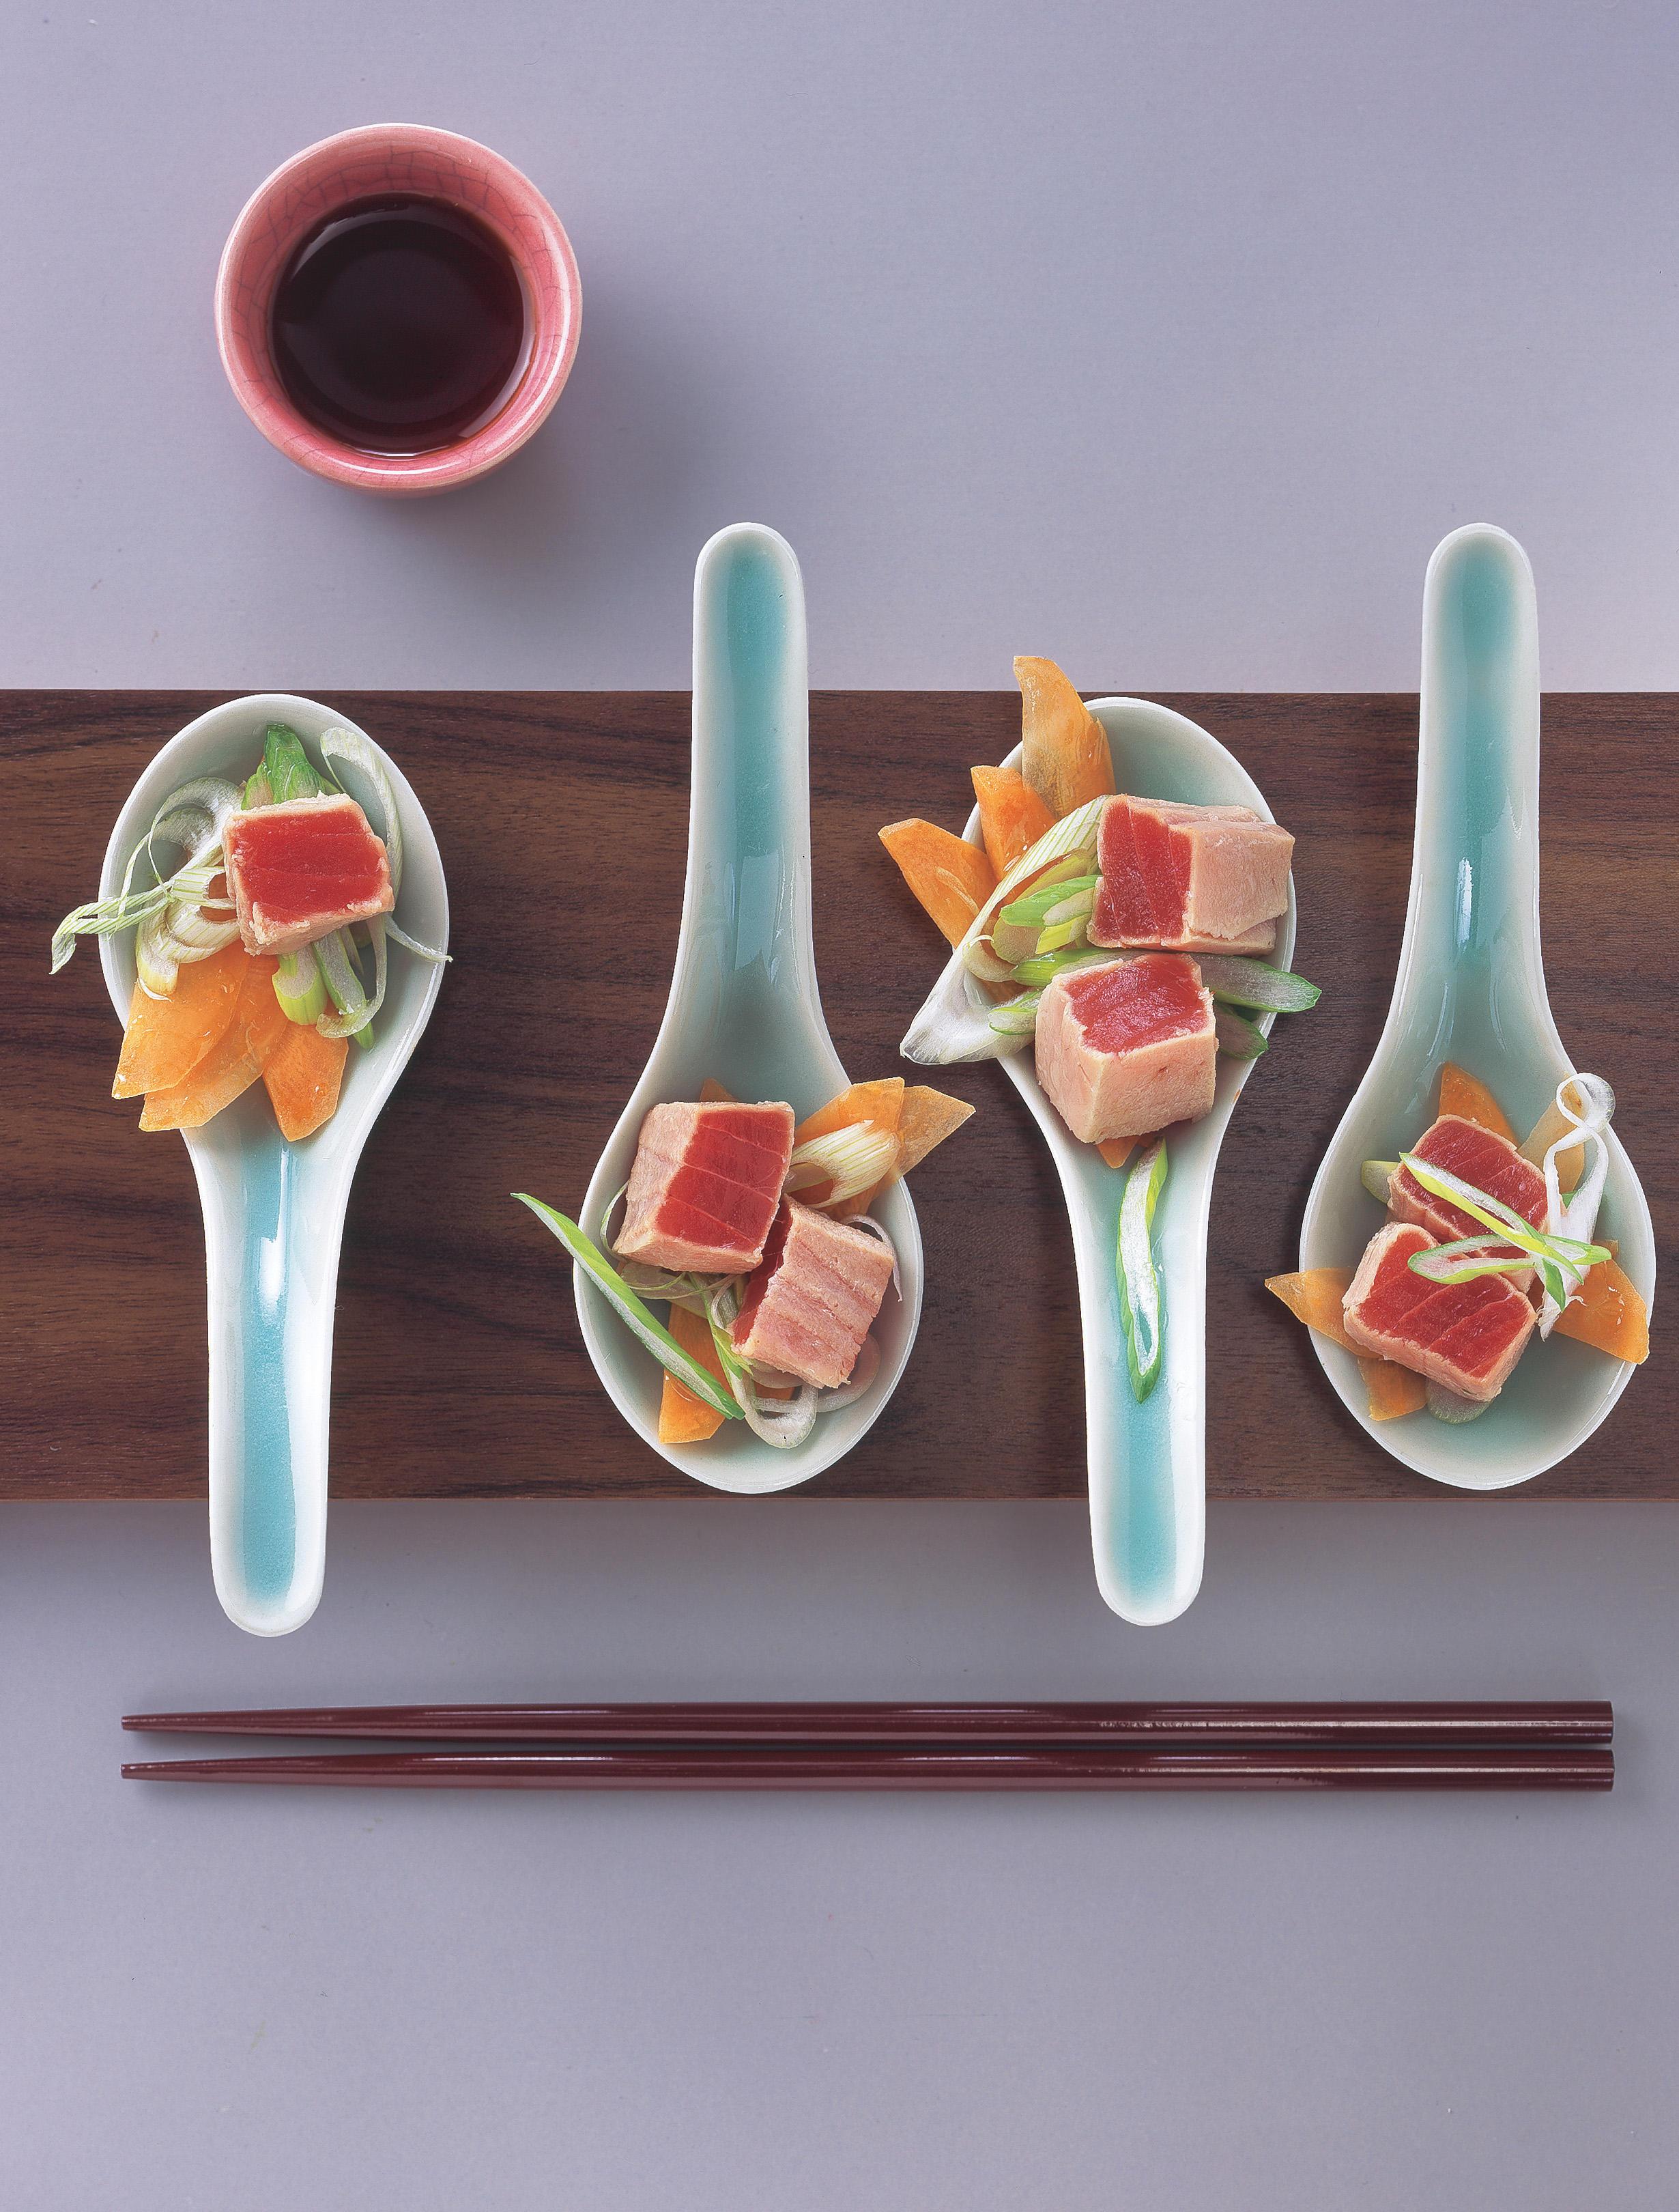 Blanchierter Tunfisch auf mariniertem Gemüse